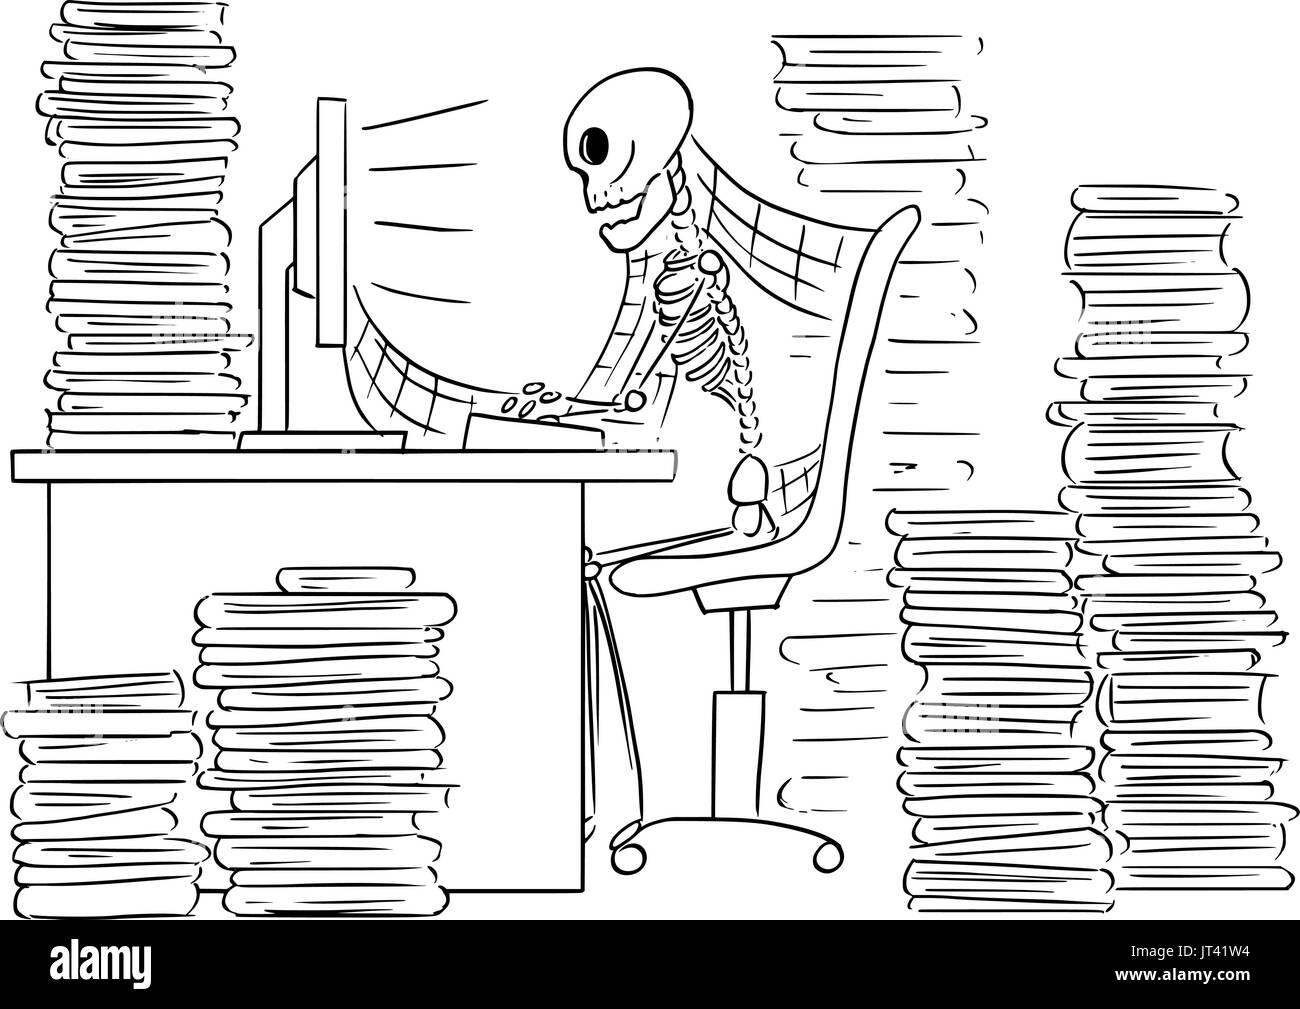 Ilustración vectorial de dibujos animados del esqueleto humano ...